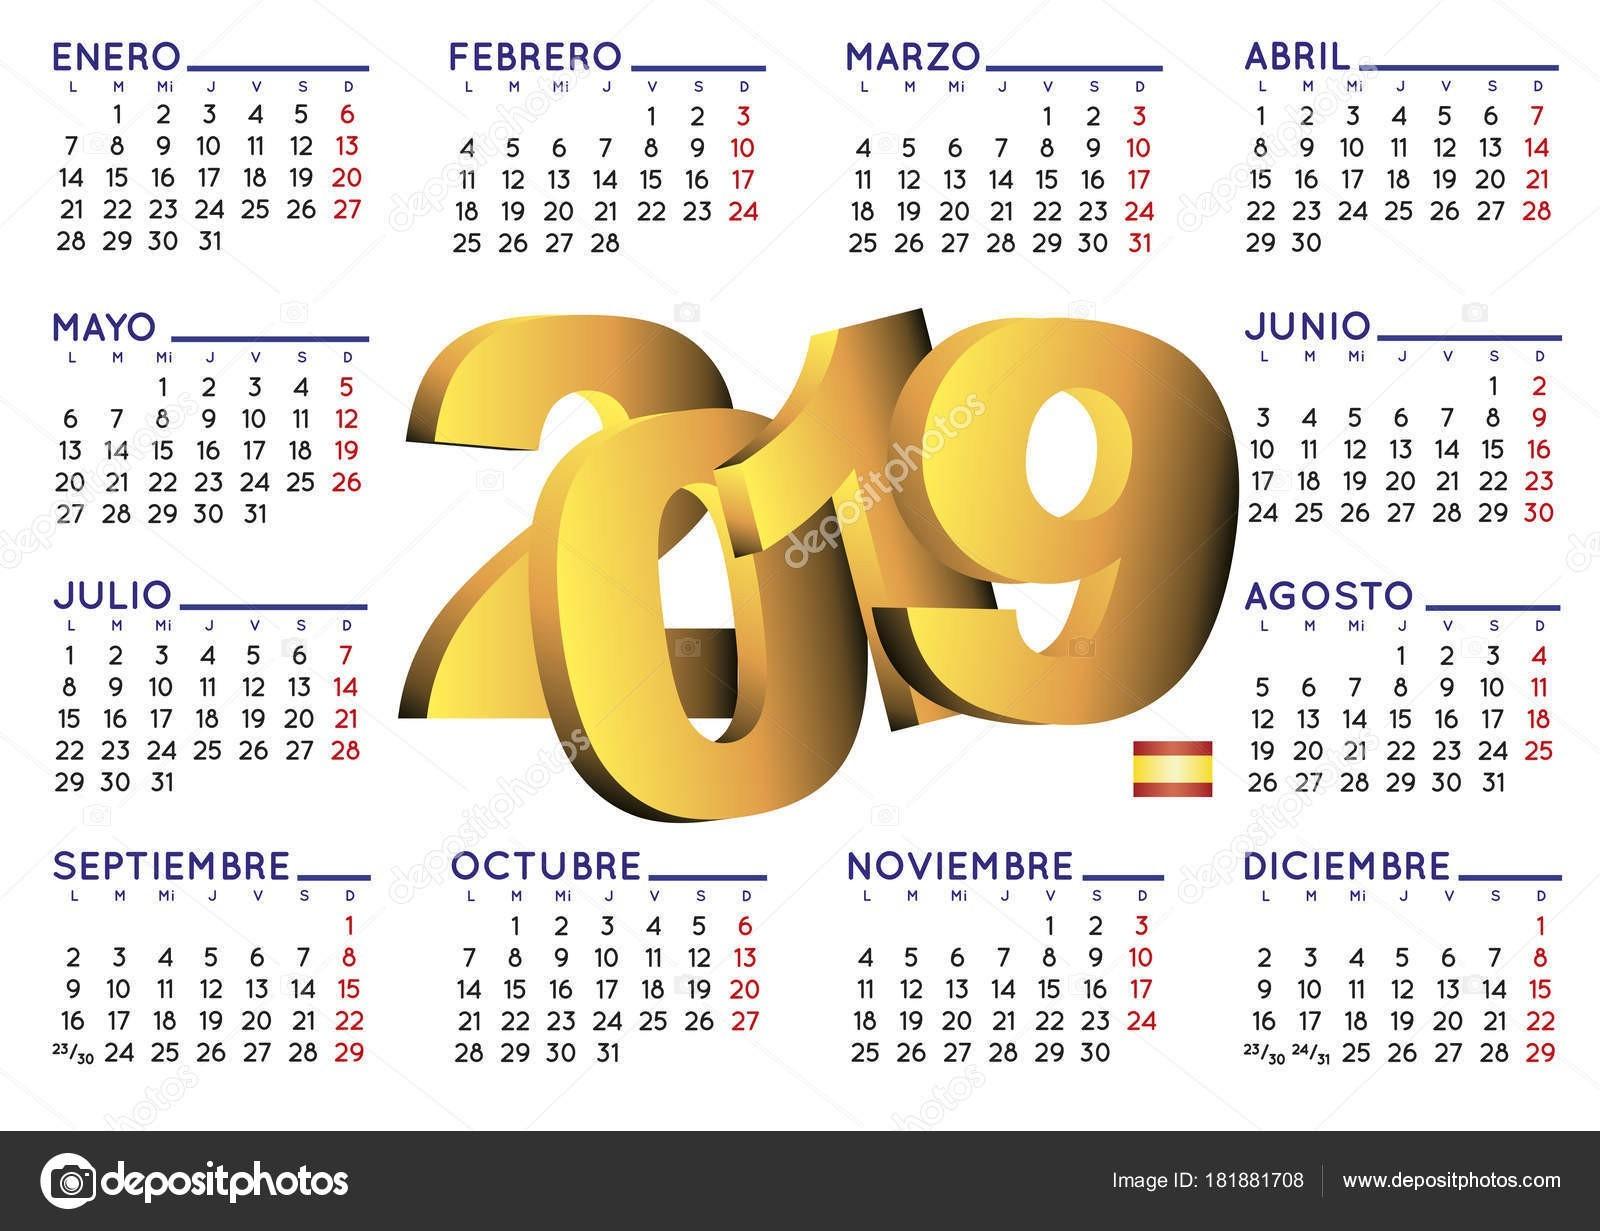 Calendario 2019 en Espa±ol horizontal — Archivo Imágenes Vectoriales